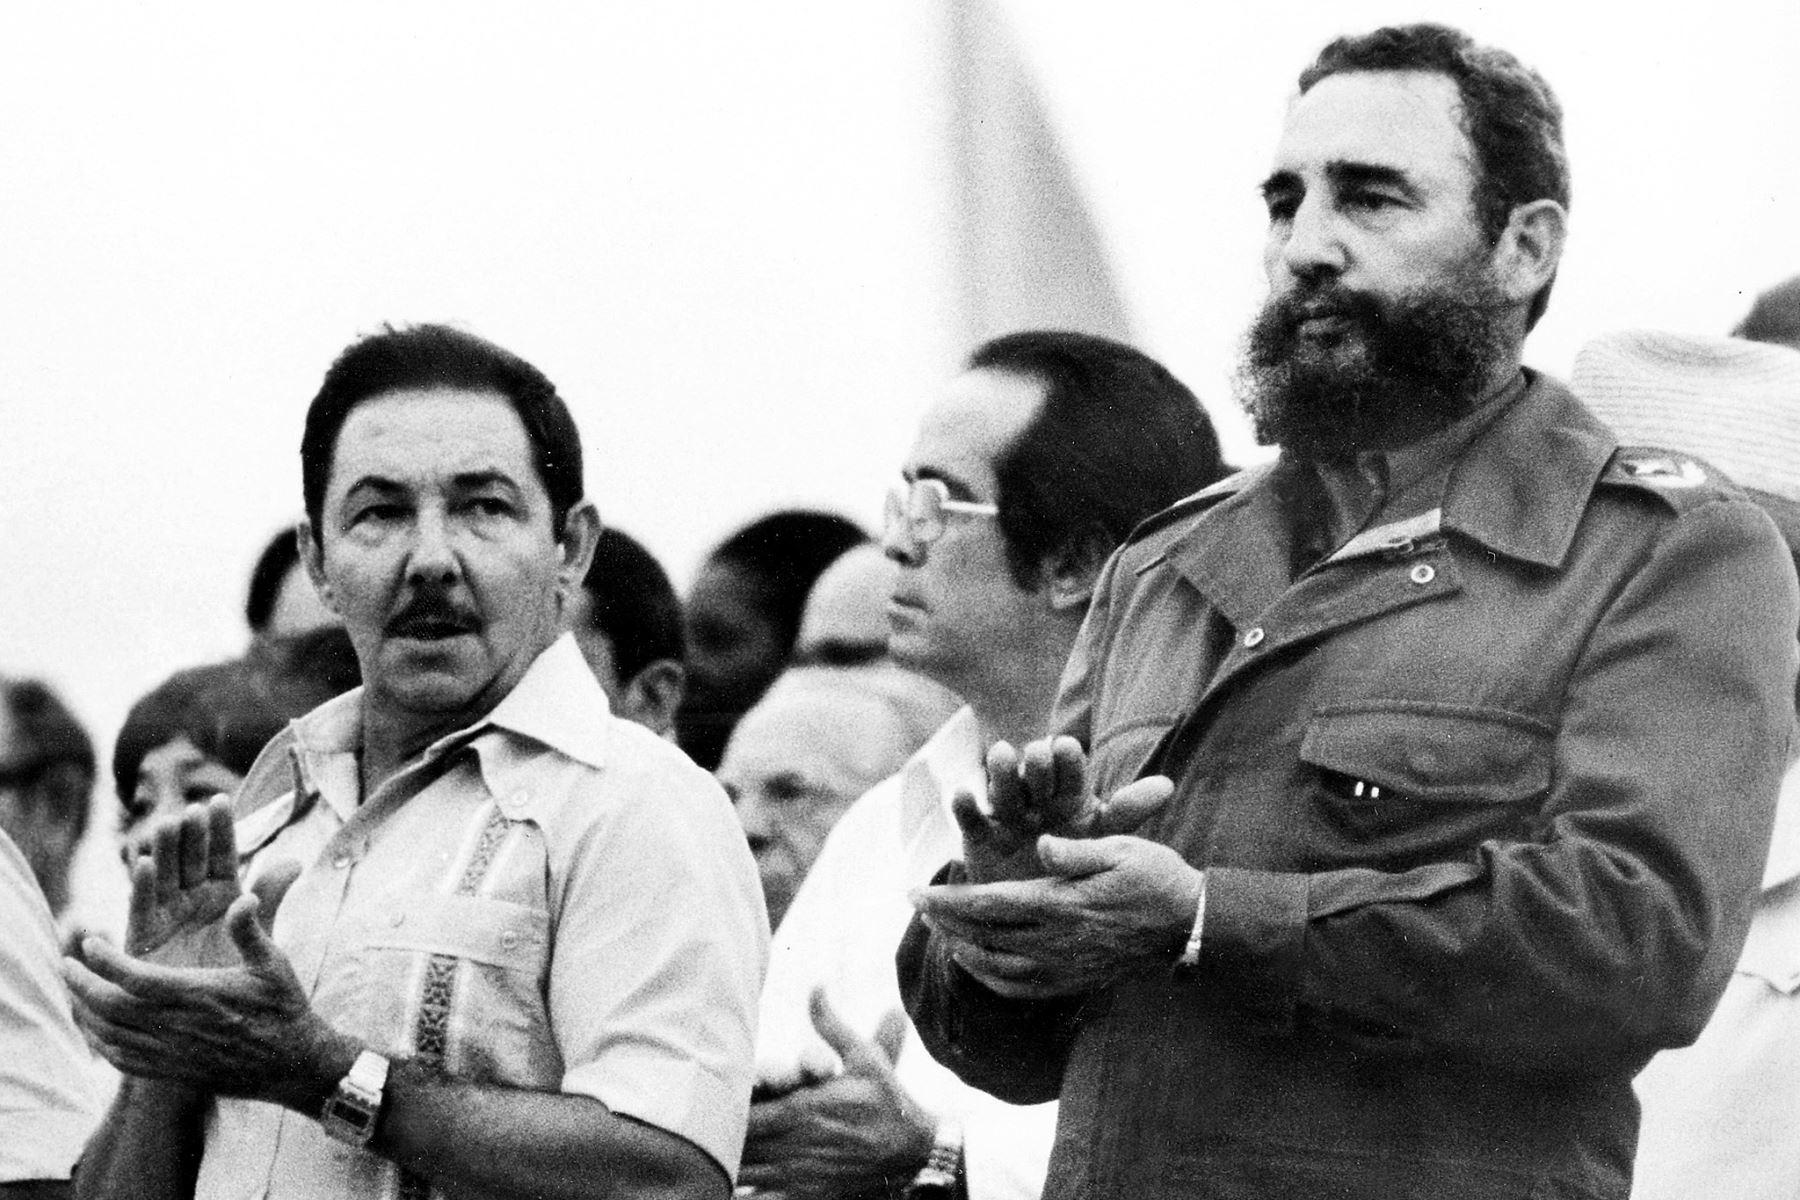 """Símbolos de una era en Cuba, los hermanos Castro llevaron adelante la llamada """"revolución"""" con un sistema comunista que pocos países han igualado. Foto: AFP"""